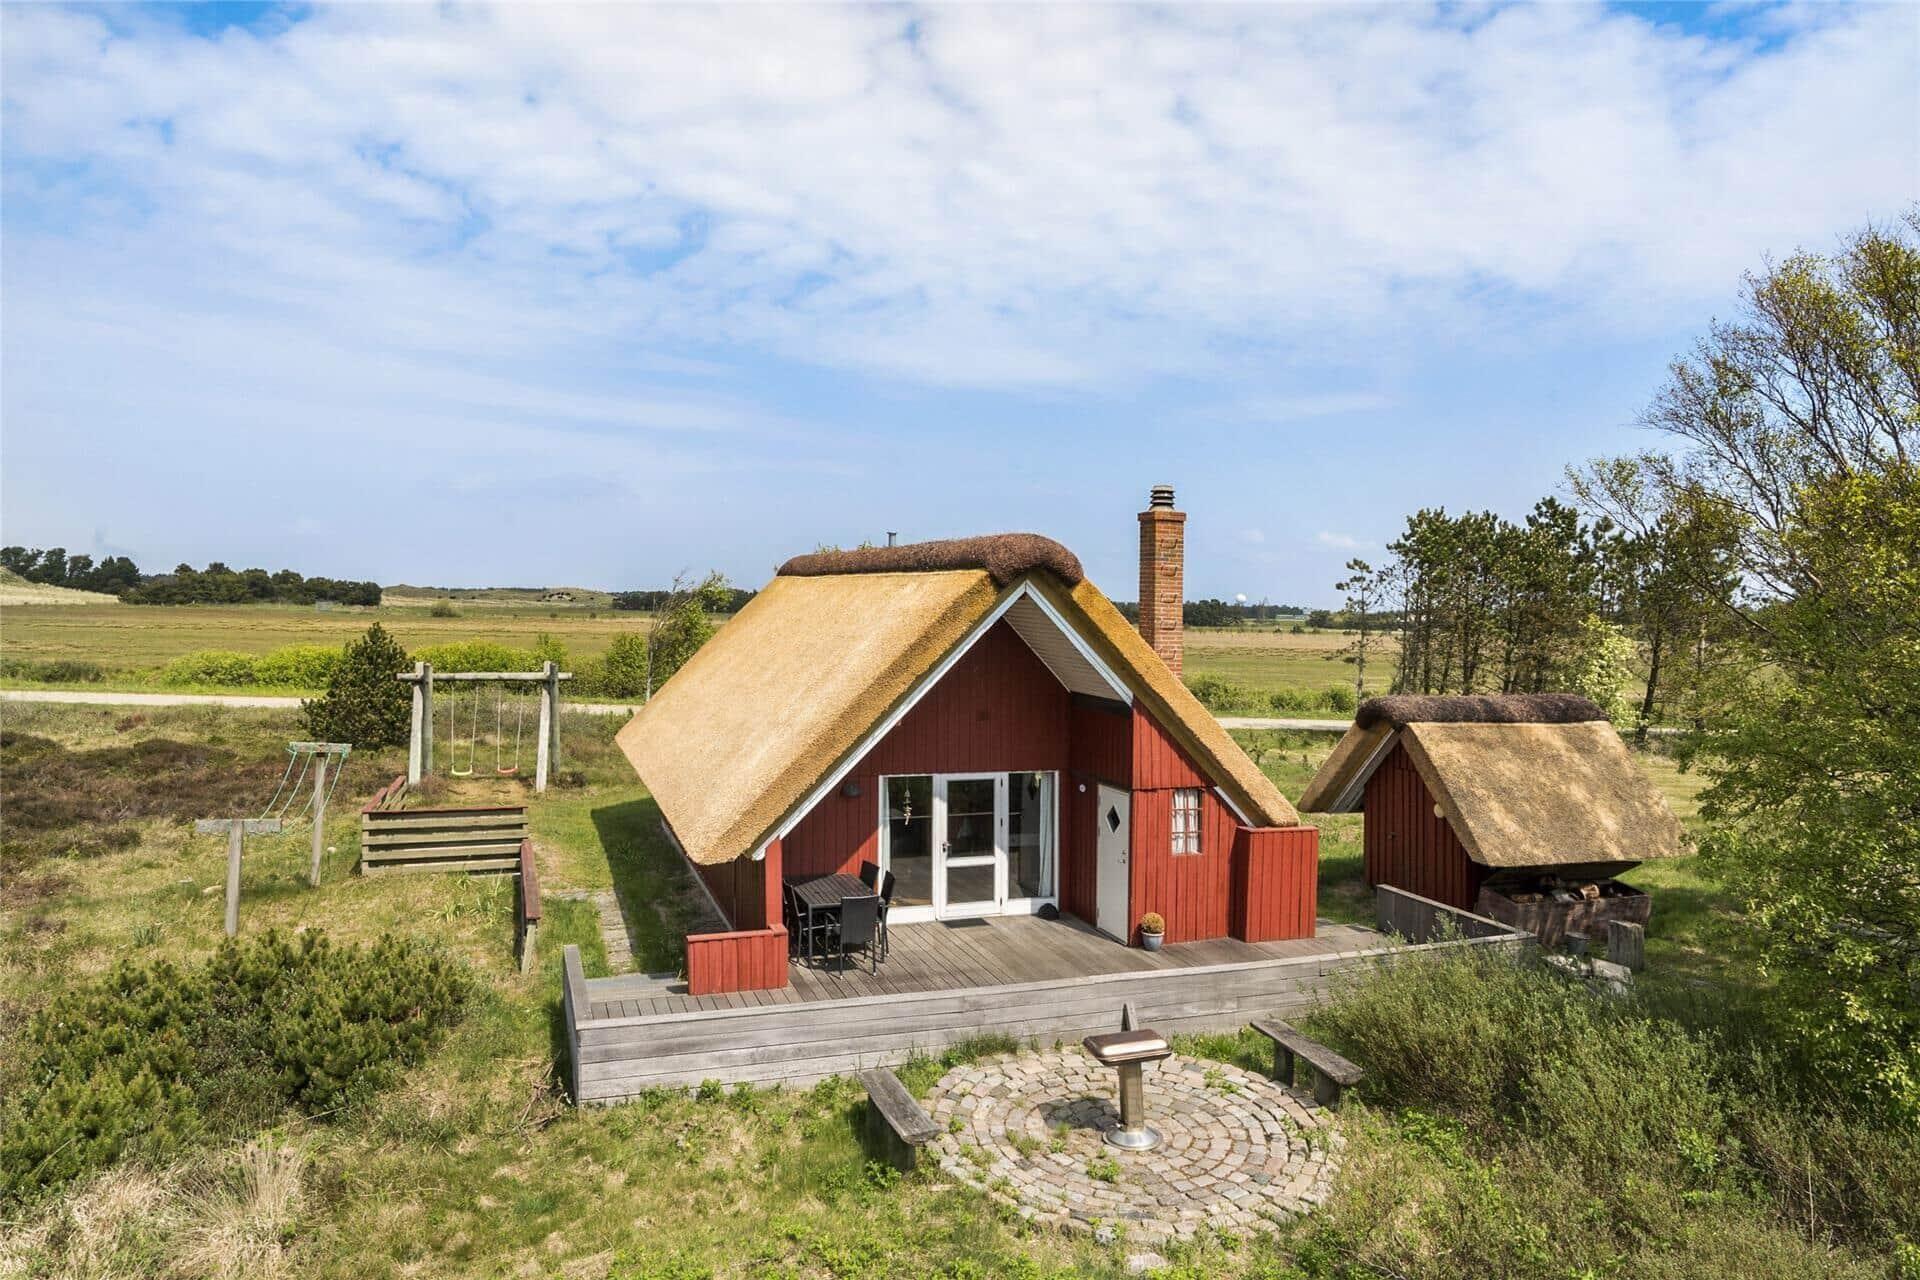 Billede 1-11 Sommerhus 0009, Thadesvej 37, DK - 6792 Rømø